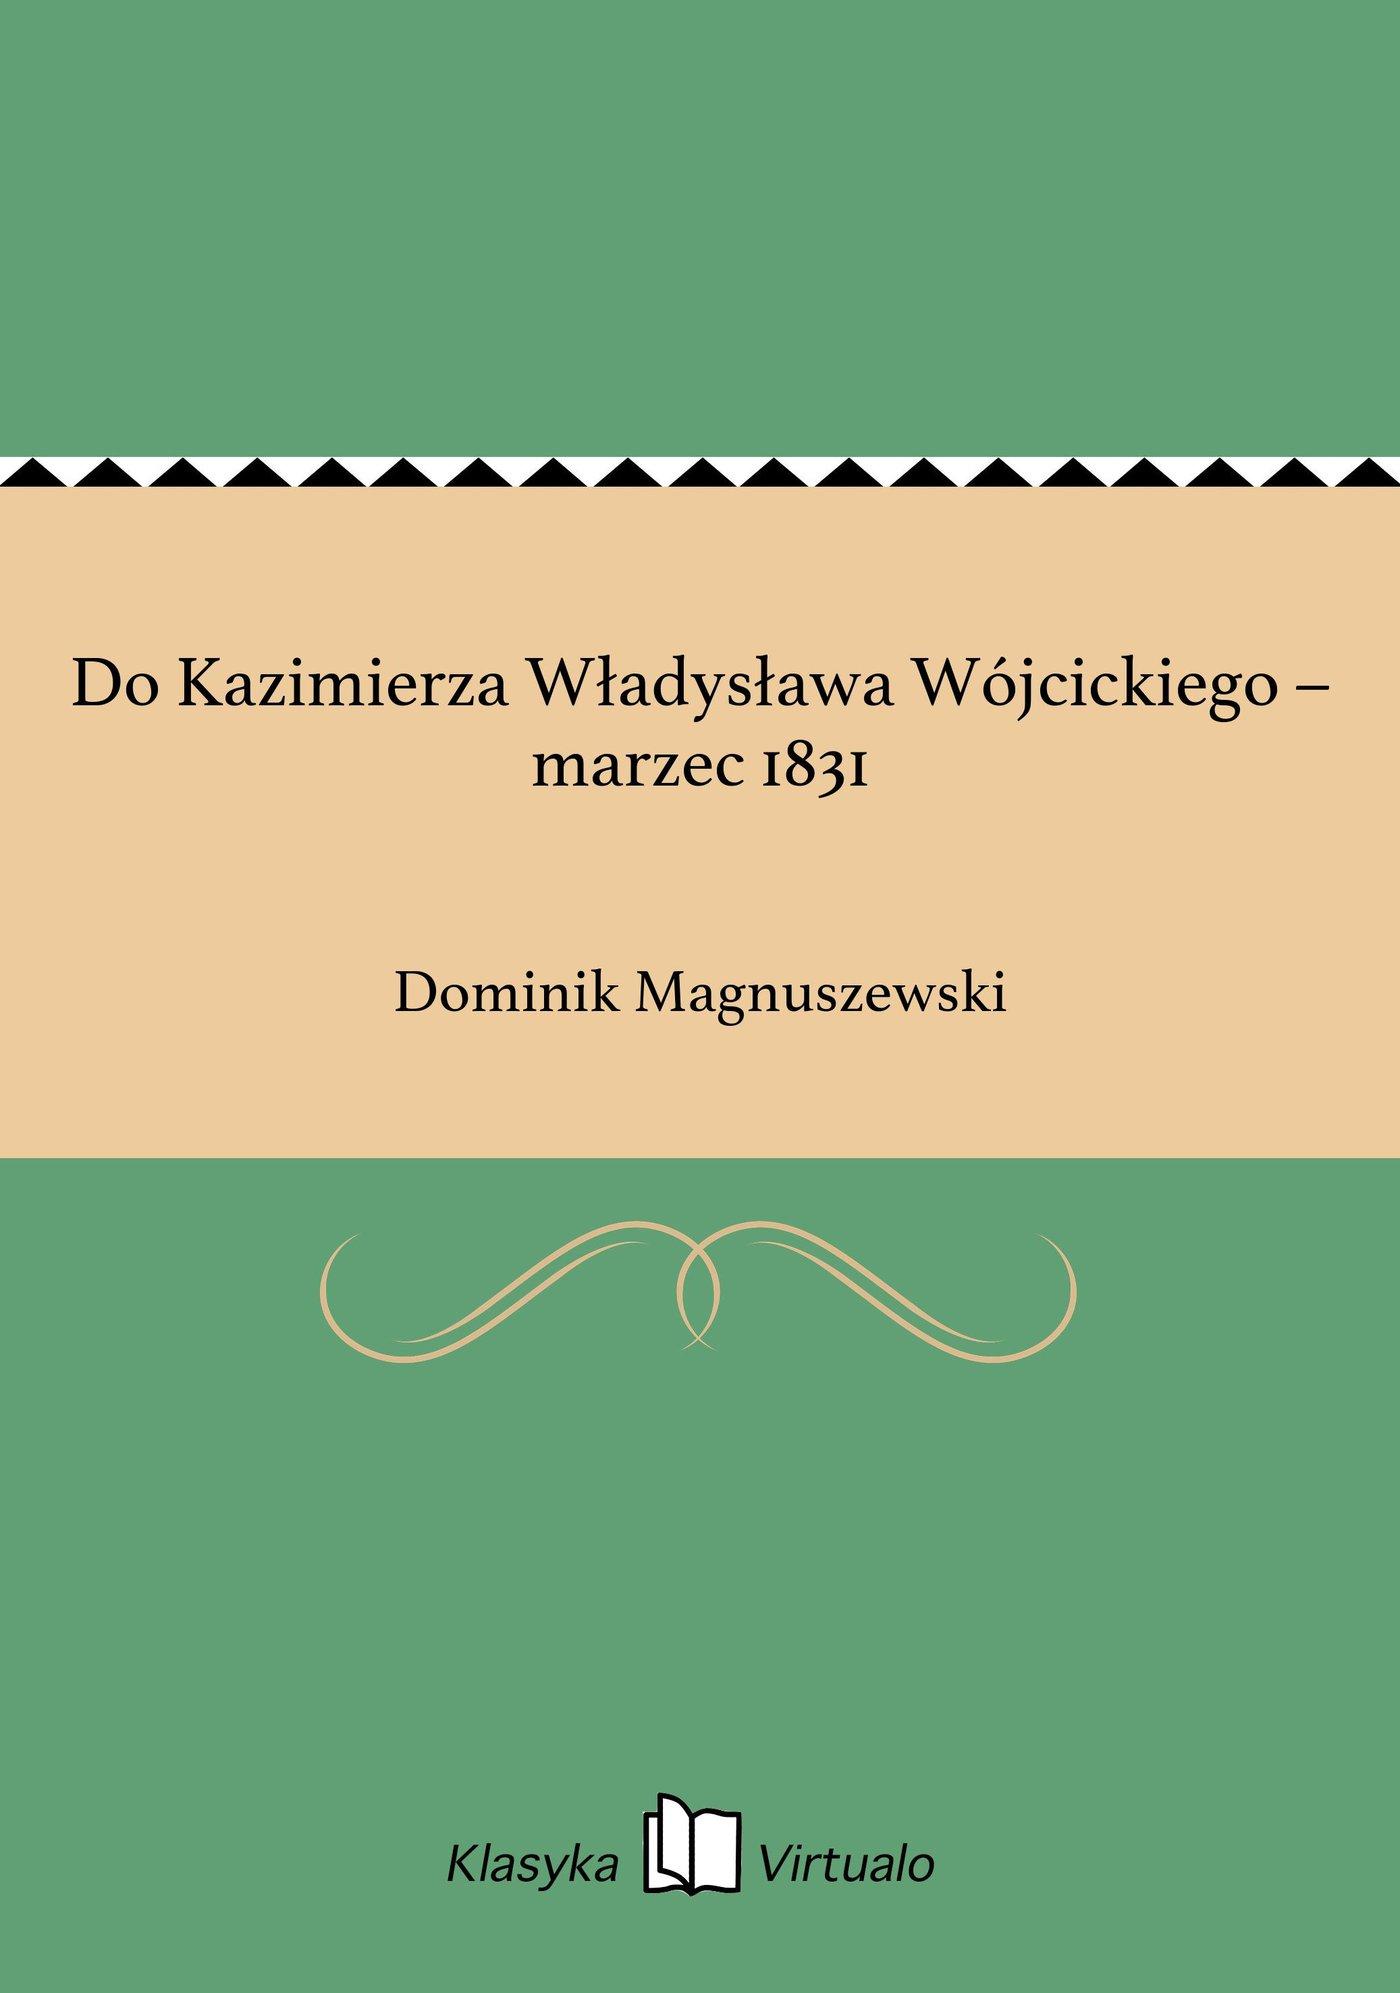 Do Kazimierza Władysława Wójcickiego – marzec 1831 - Ebook (Książka EPUB) do pobrania w formacie EPUB